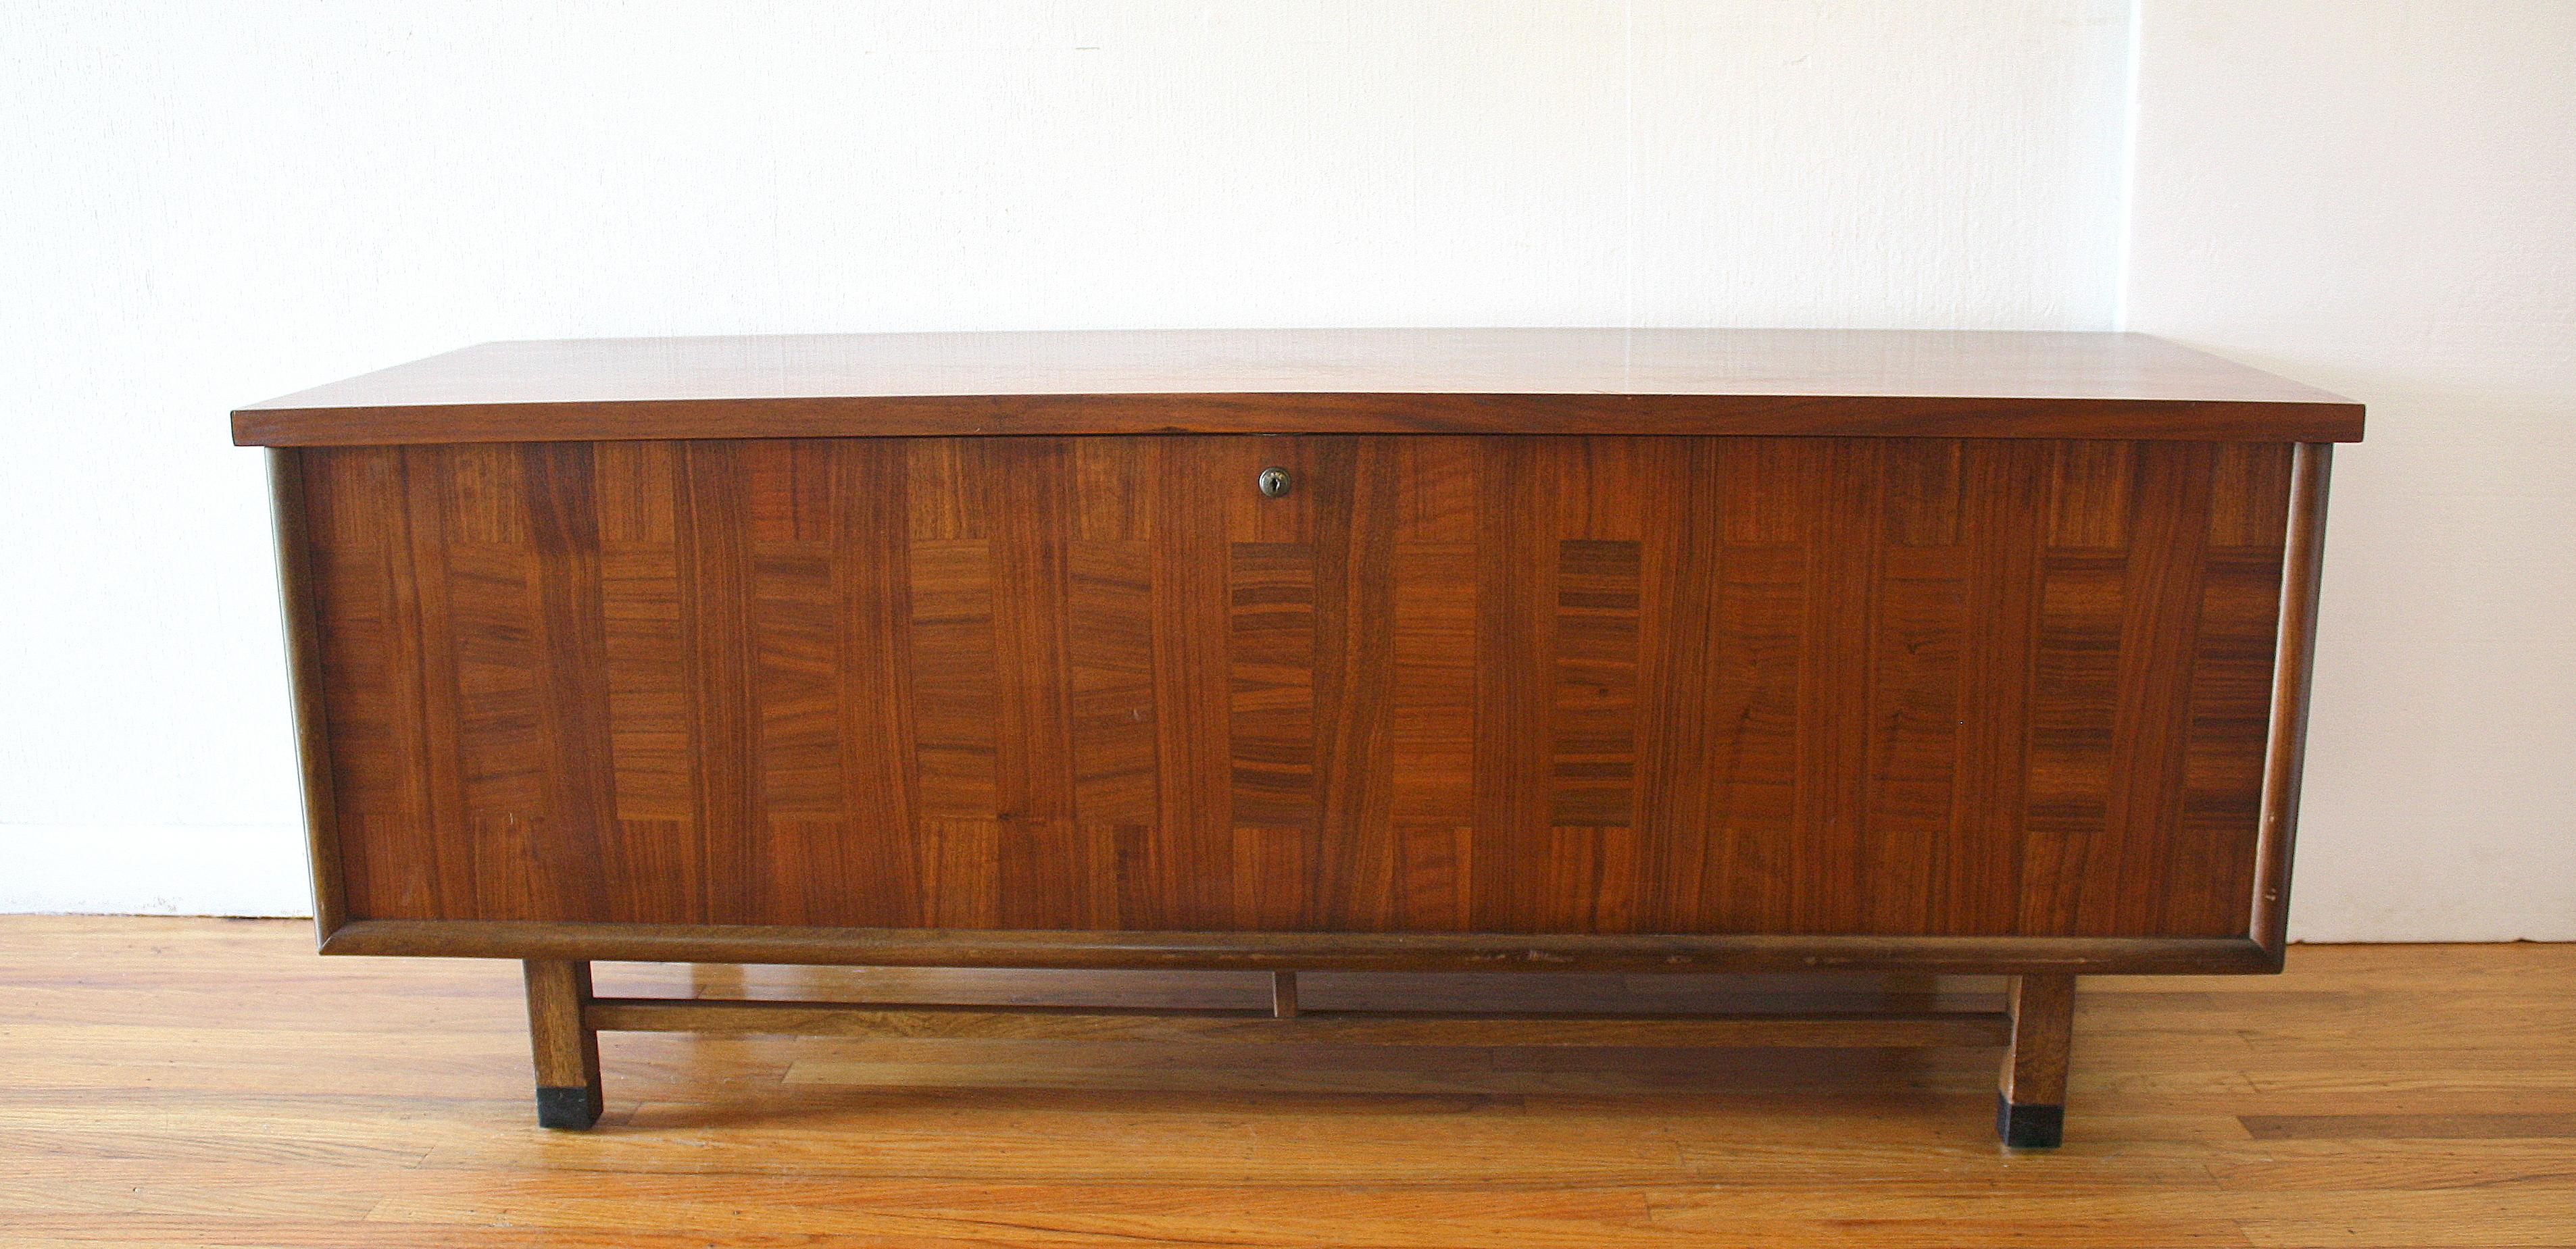 Lane parquet design cedar chest trunk 6